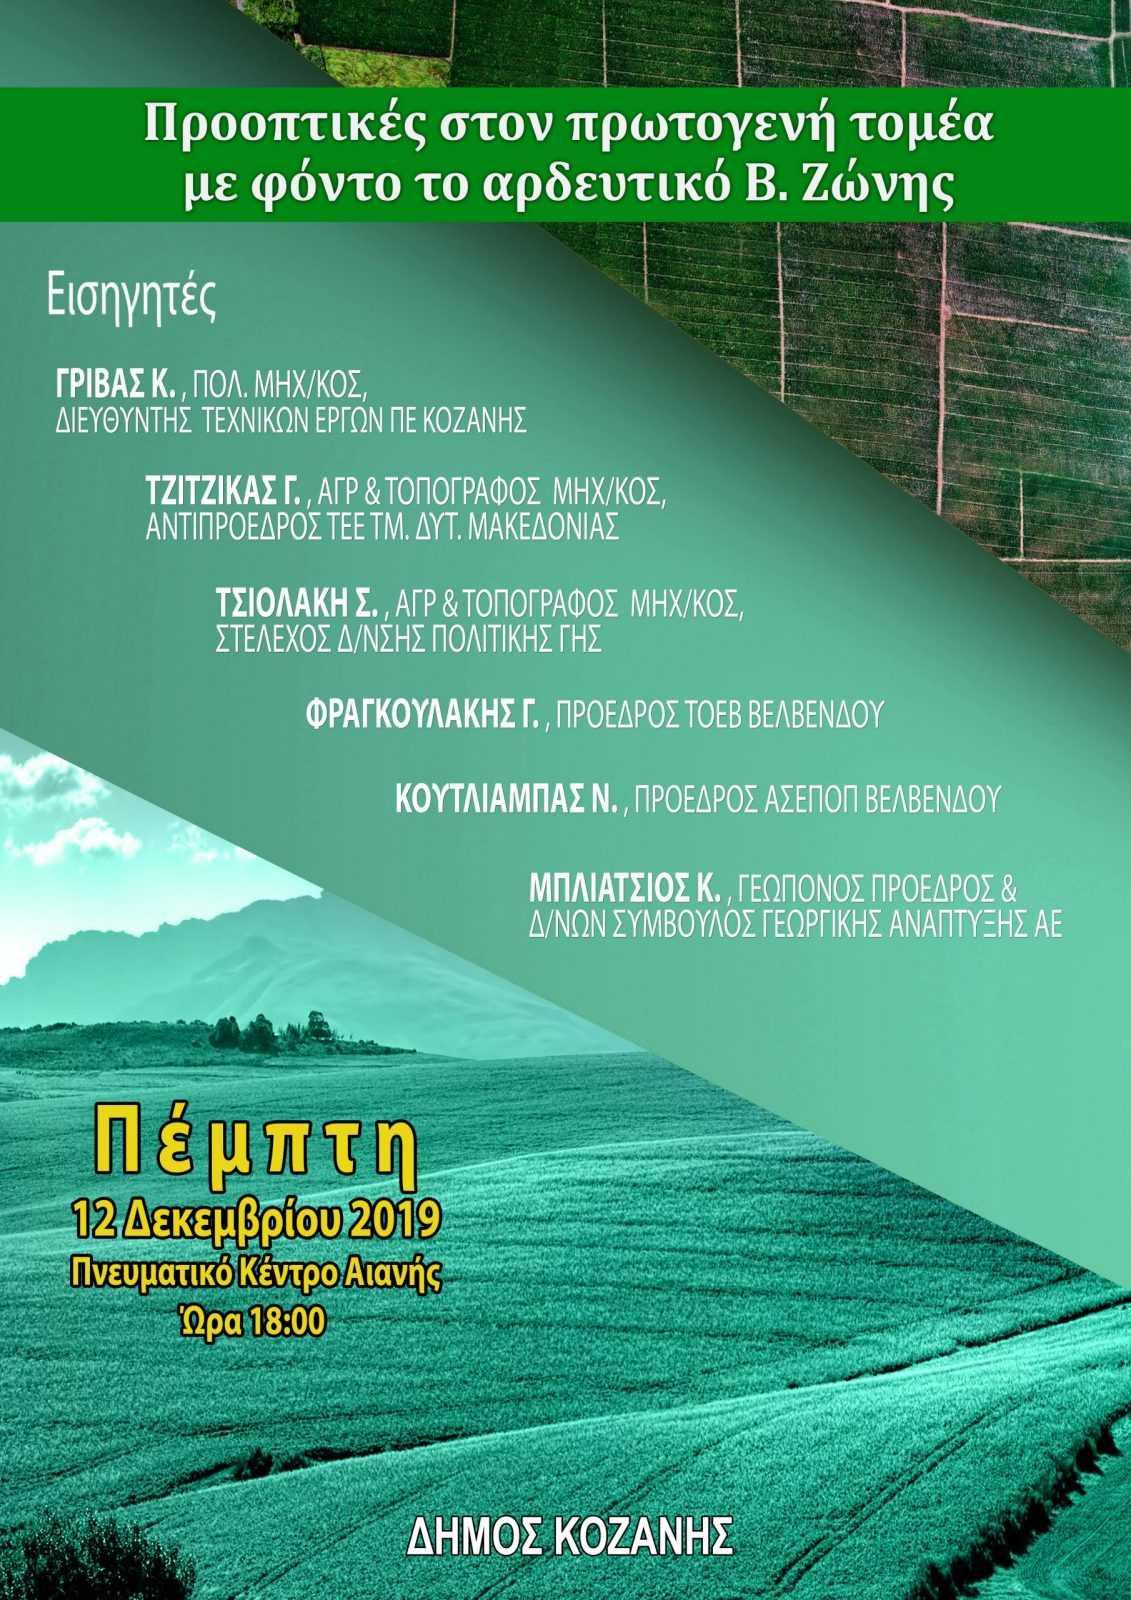 Ο Δήμος Κοζάνης διοργανώνει ημερίδα ενημέρωσης με στόχο την ανάδειξη των προοπτικών του πρωτογενή τομέα